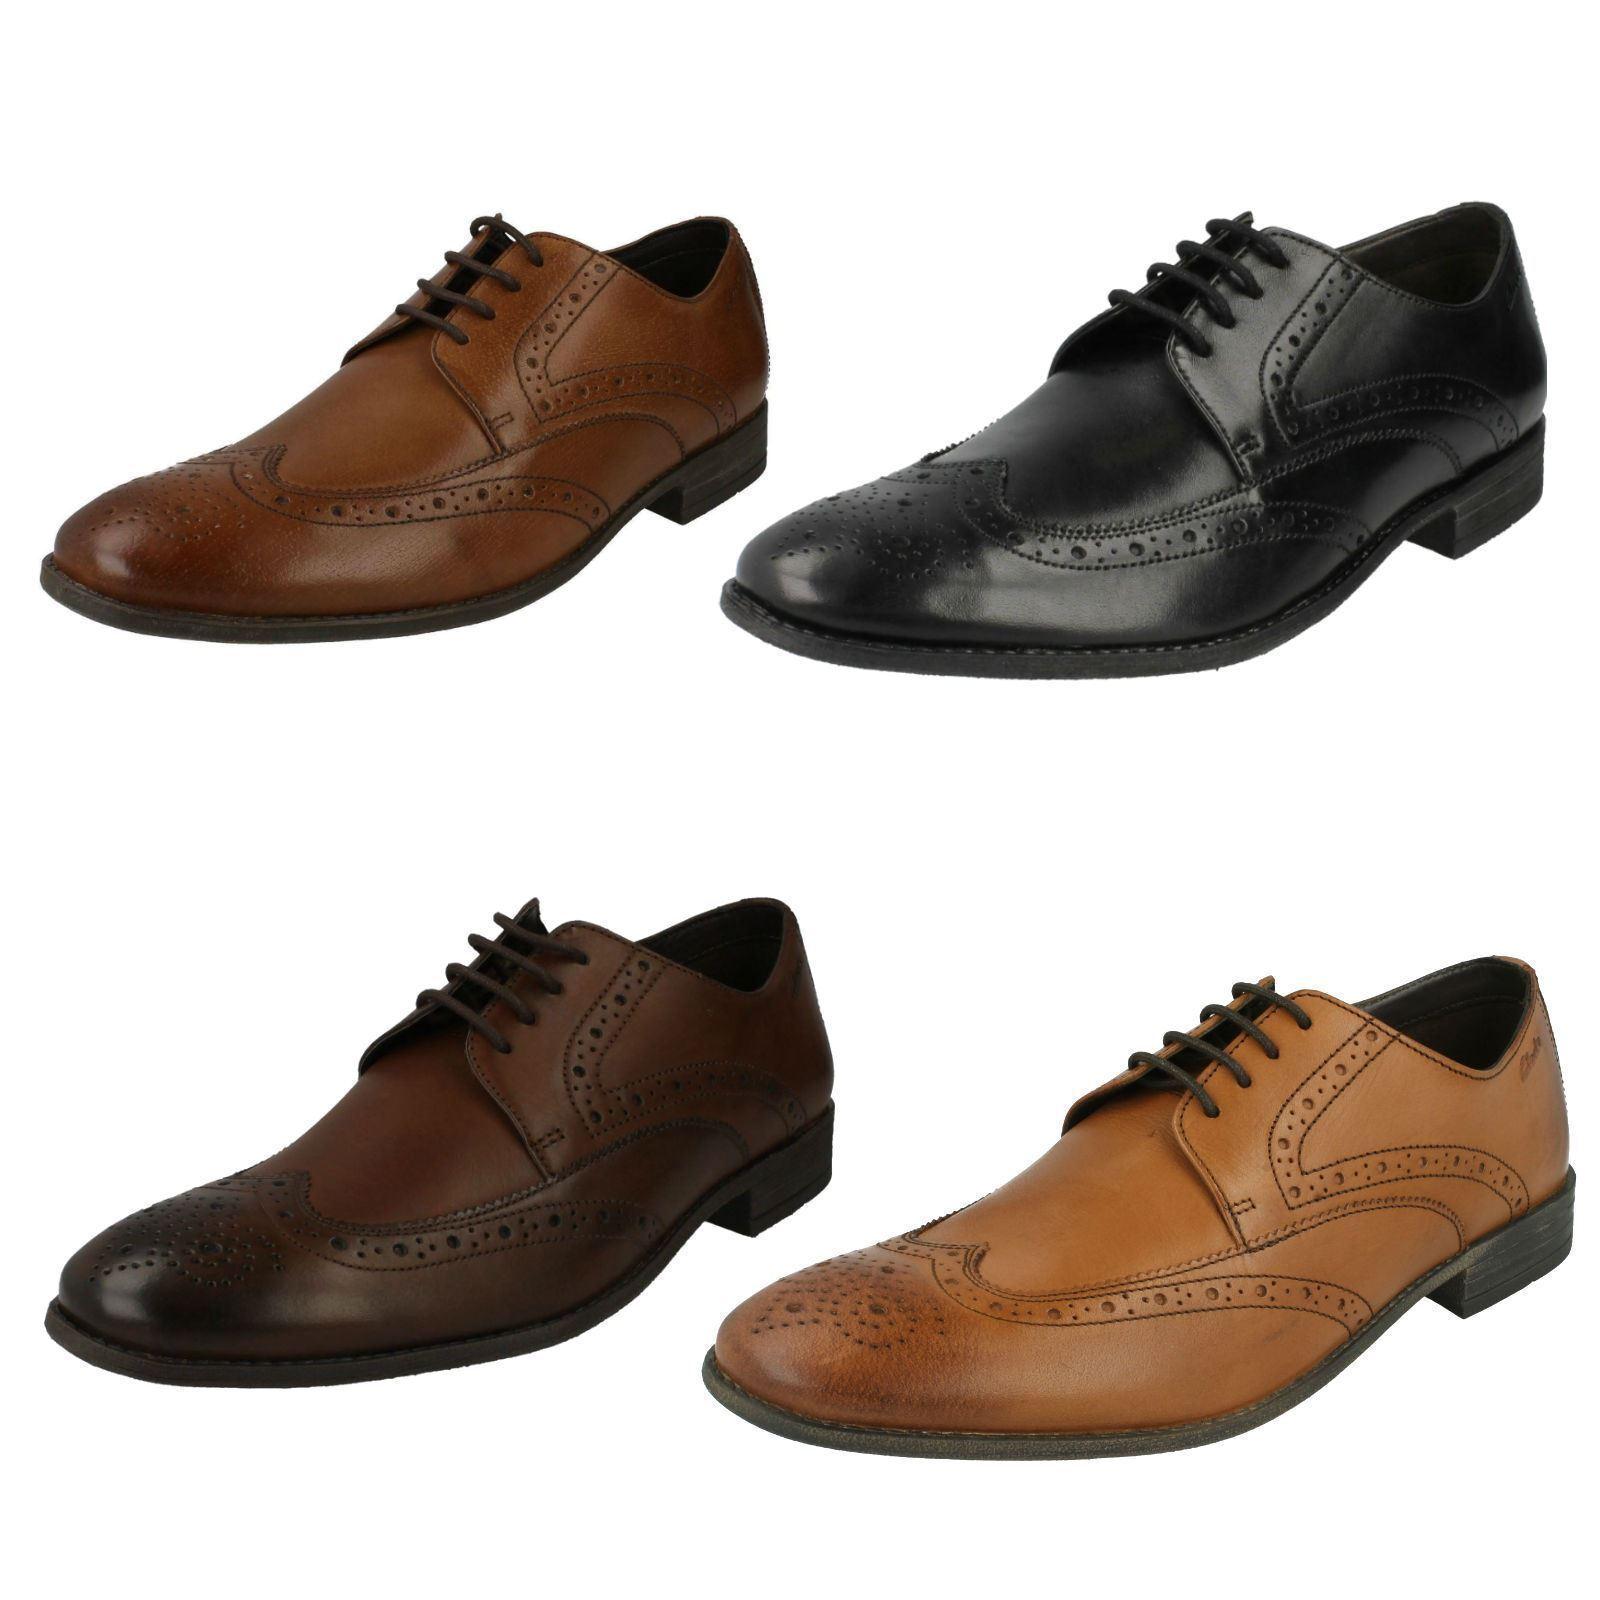 Men's Clarks Brogue Lace Up Shoes - Chart Limit